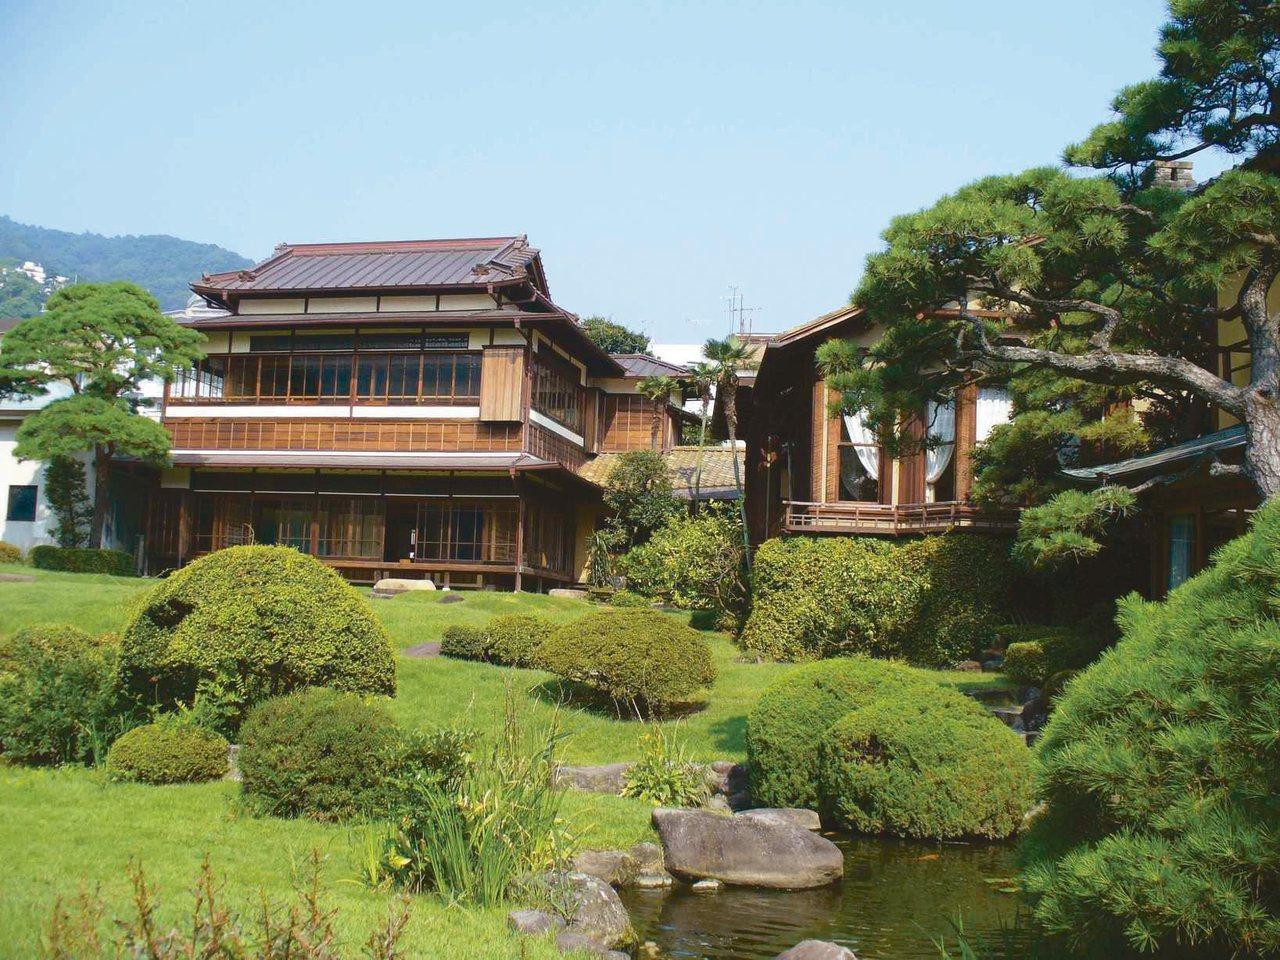 曾接待日本眾多文豪的千坪建築起雲閣。 圖/有行旅提供